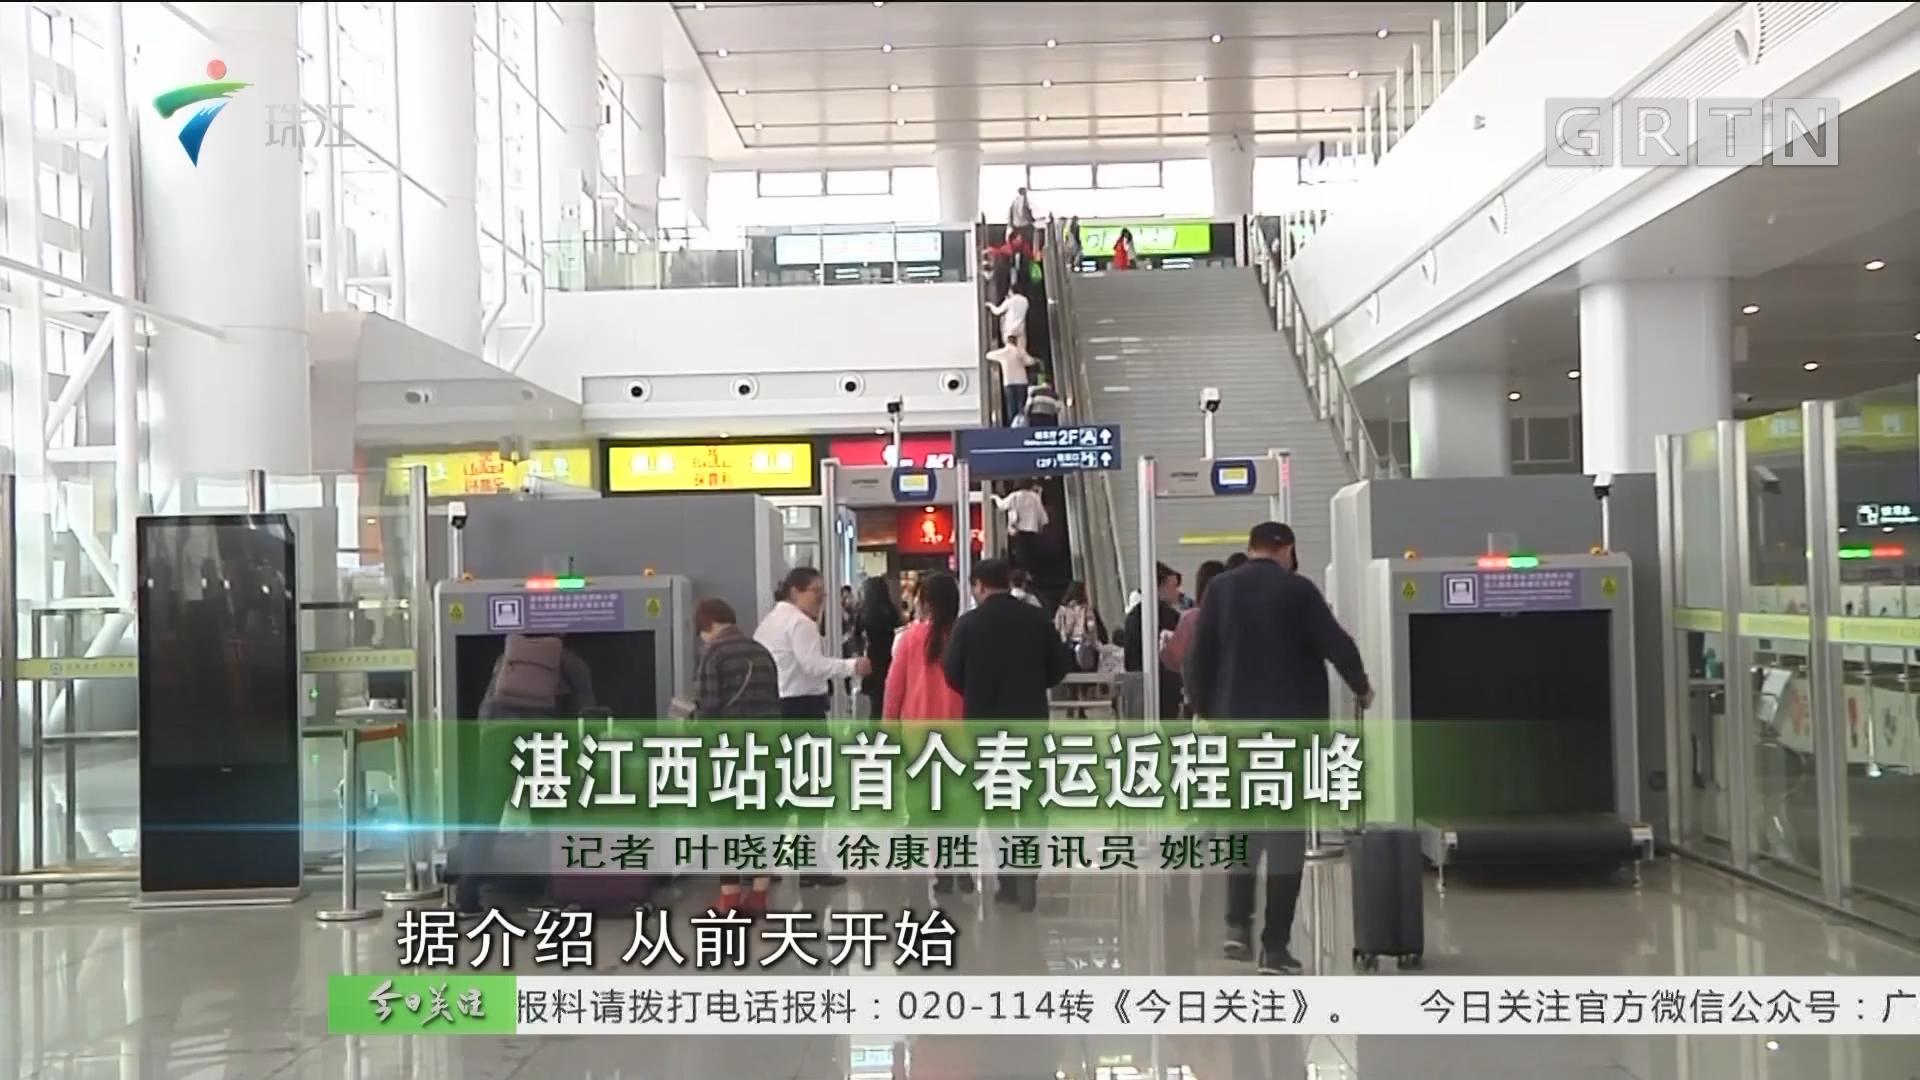 湛江西站迎首个春运返程高峰